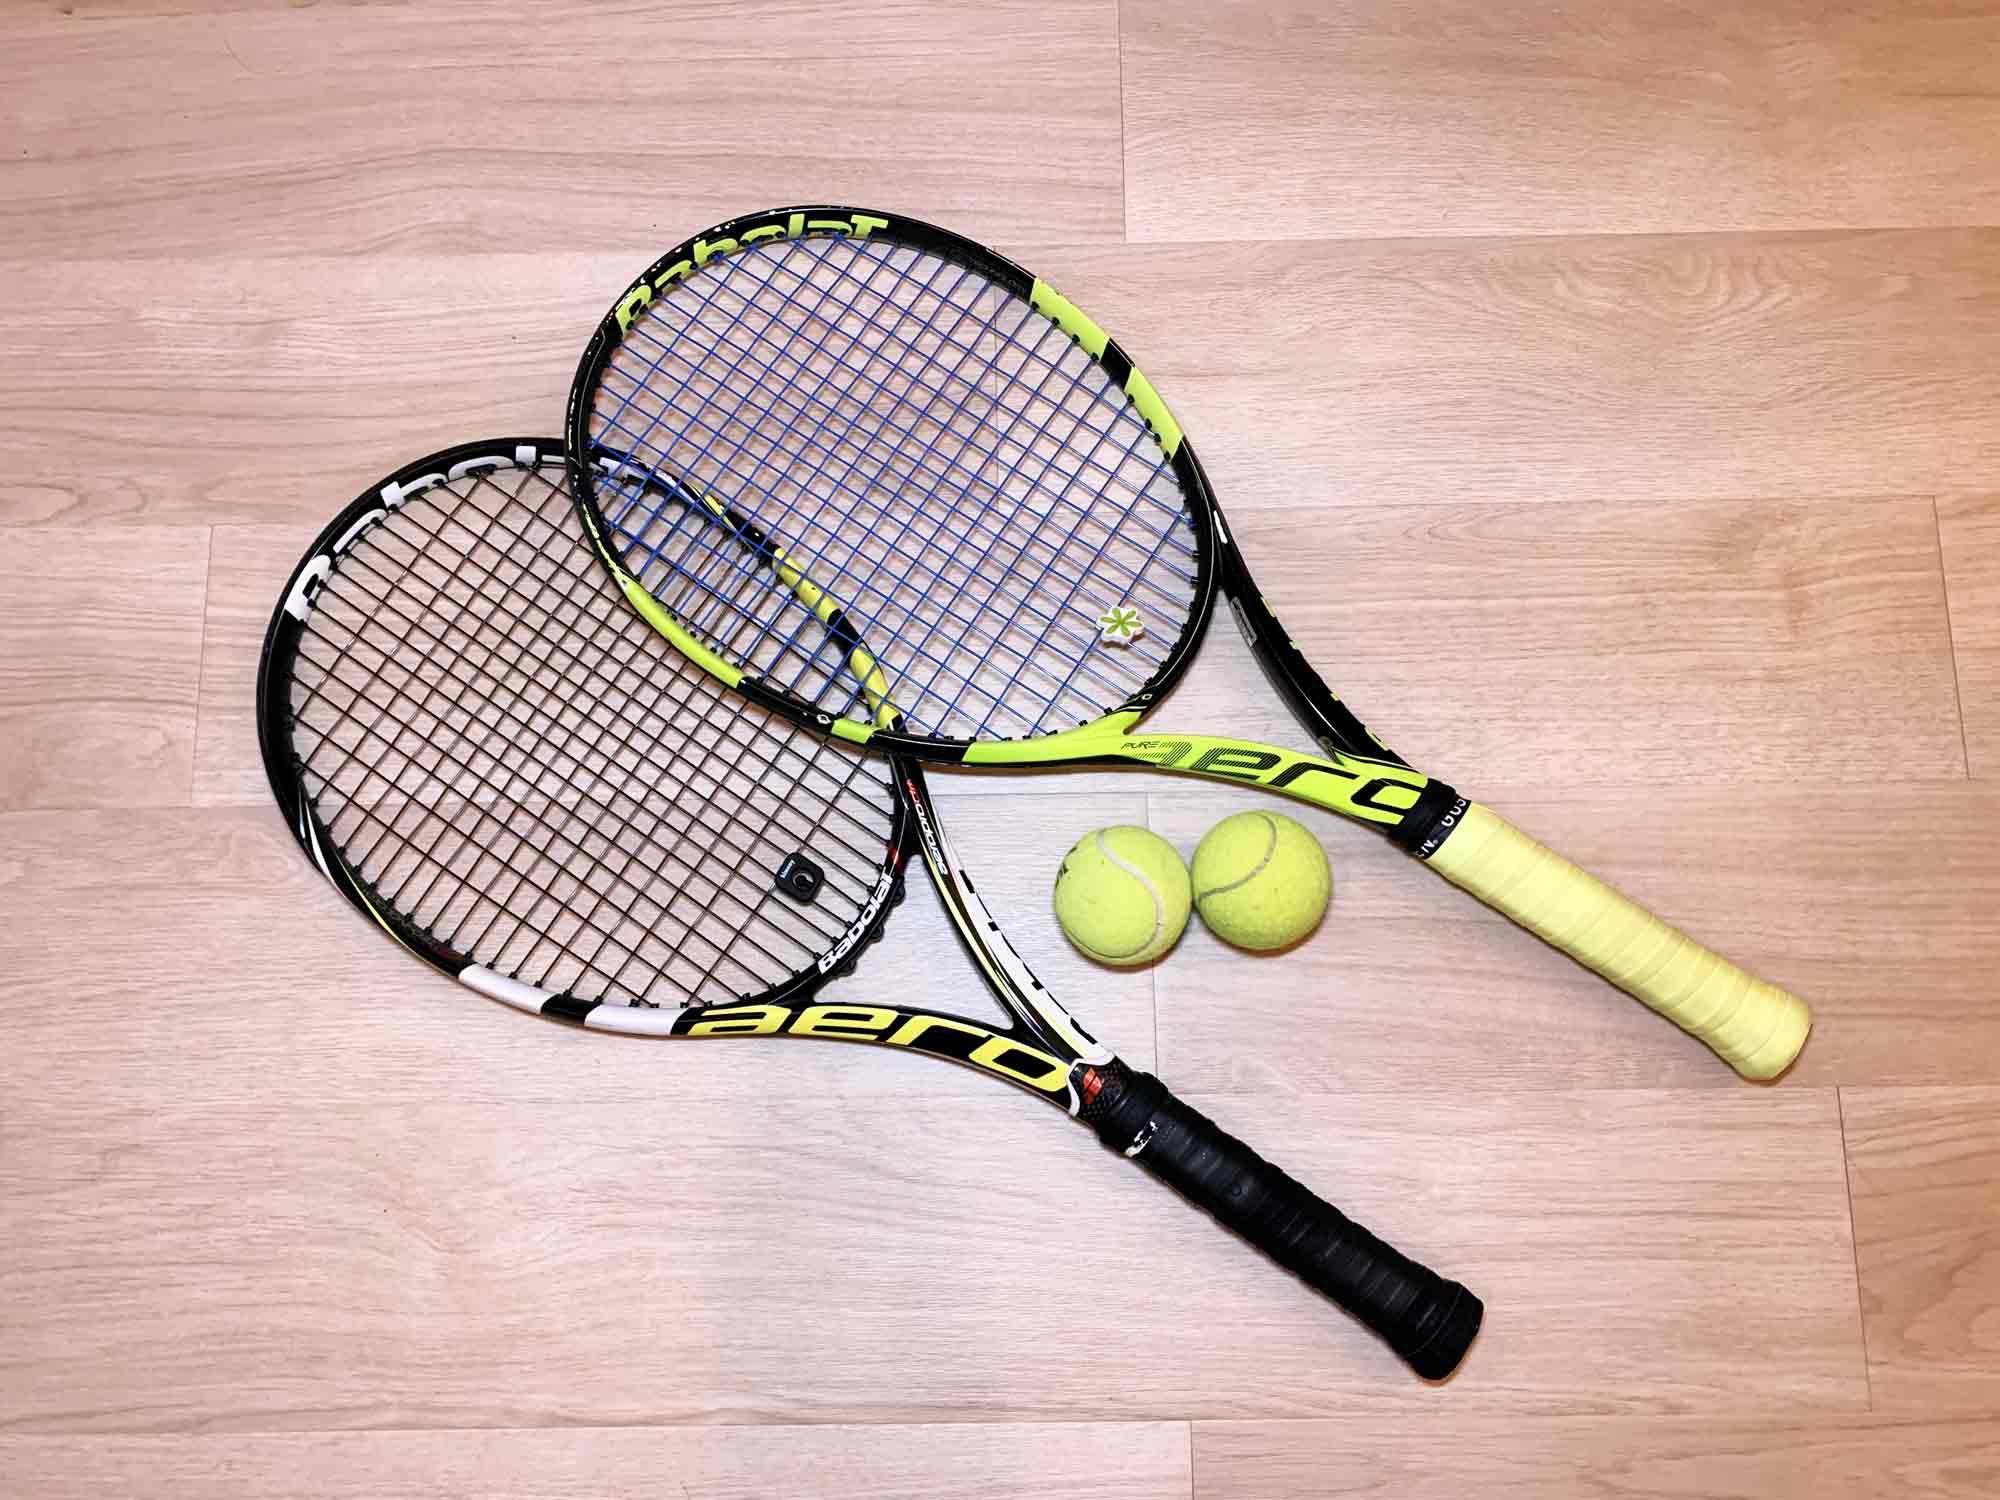 自分の趣味を彼氏と一緒にしたいと思ってプレゼント候補にあがるテニスラケット